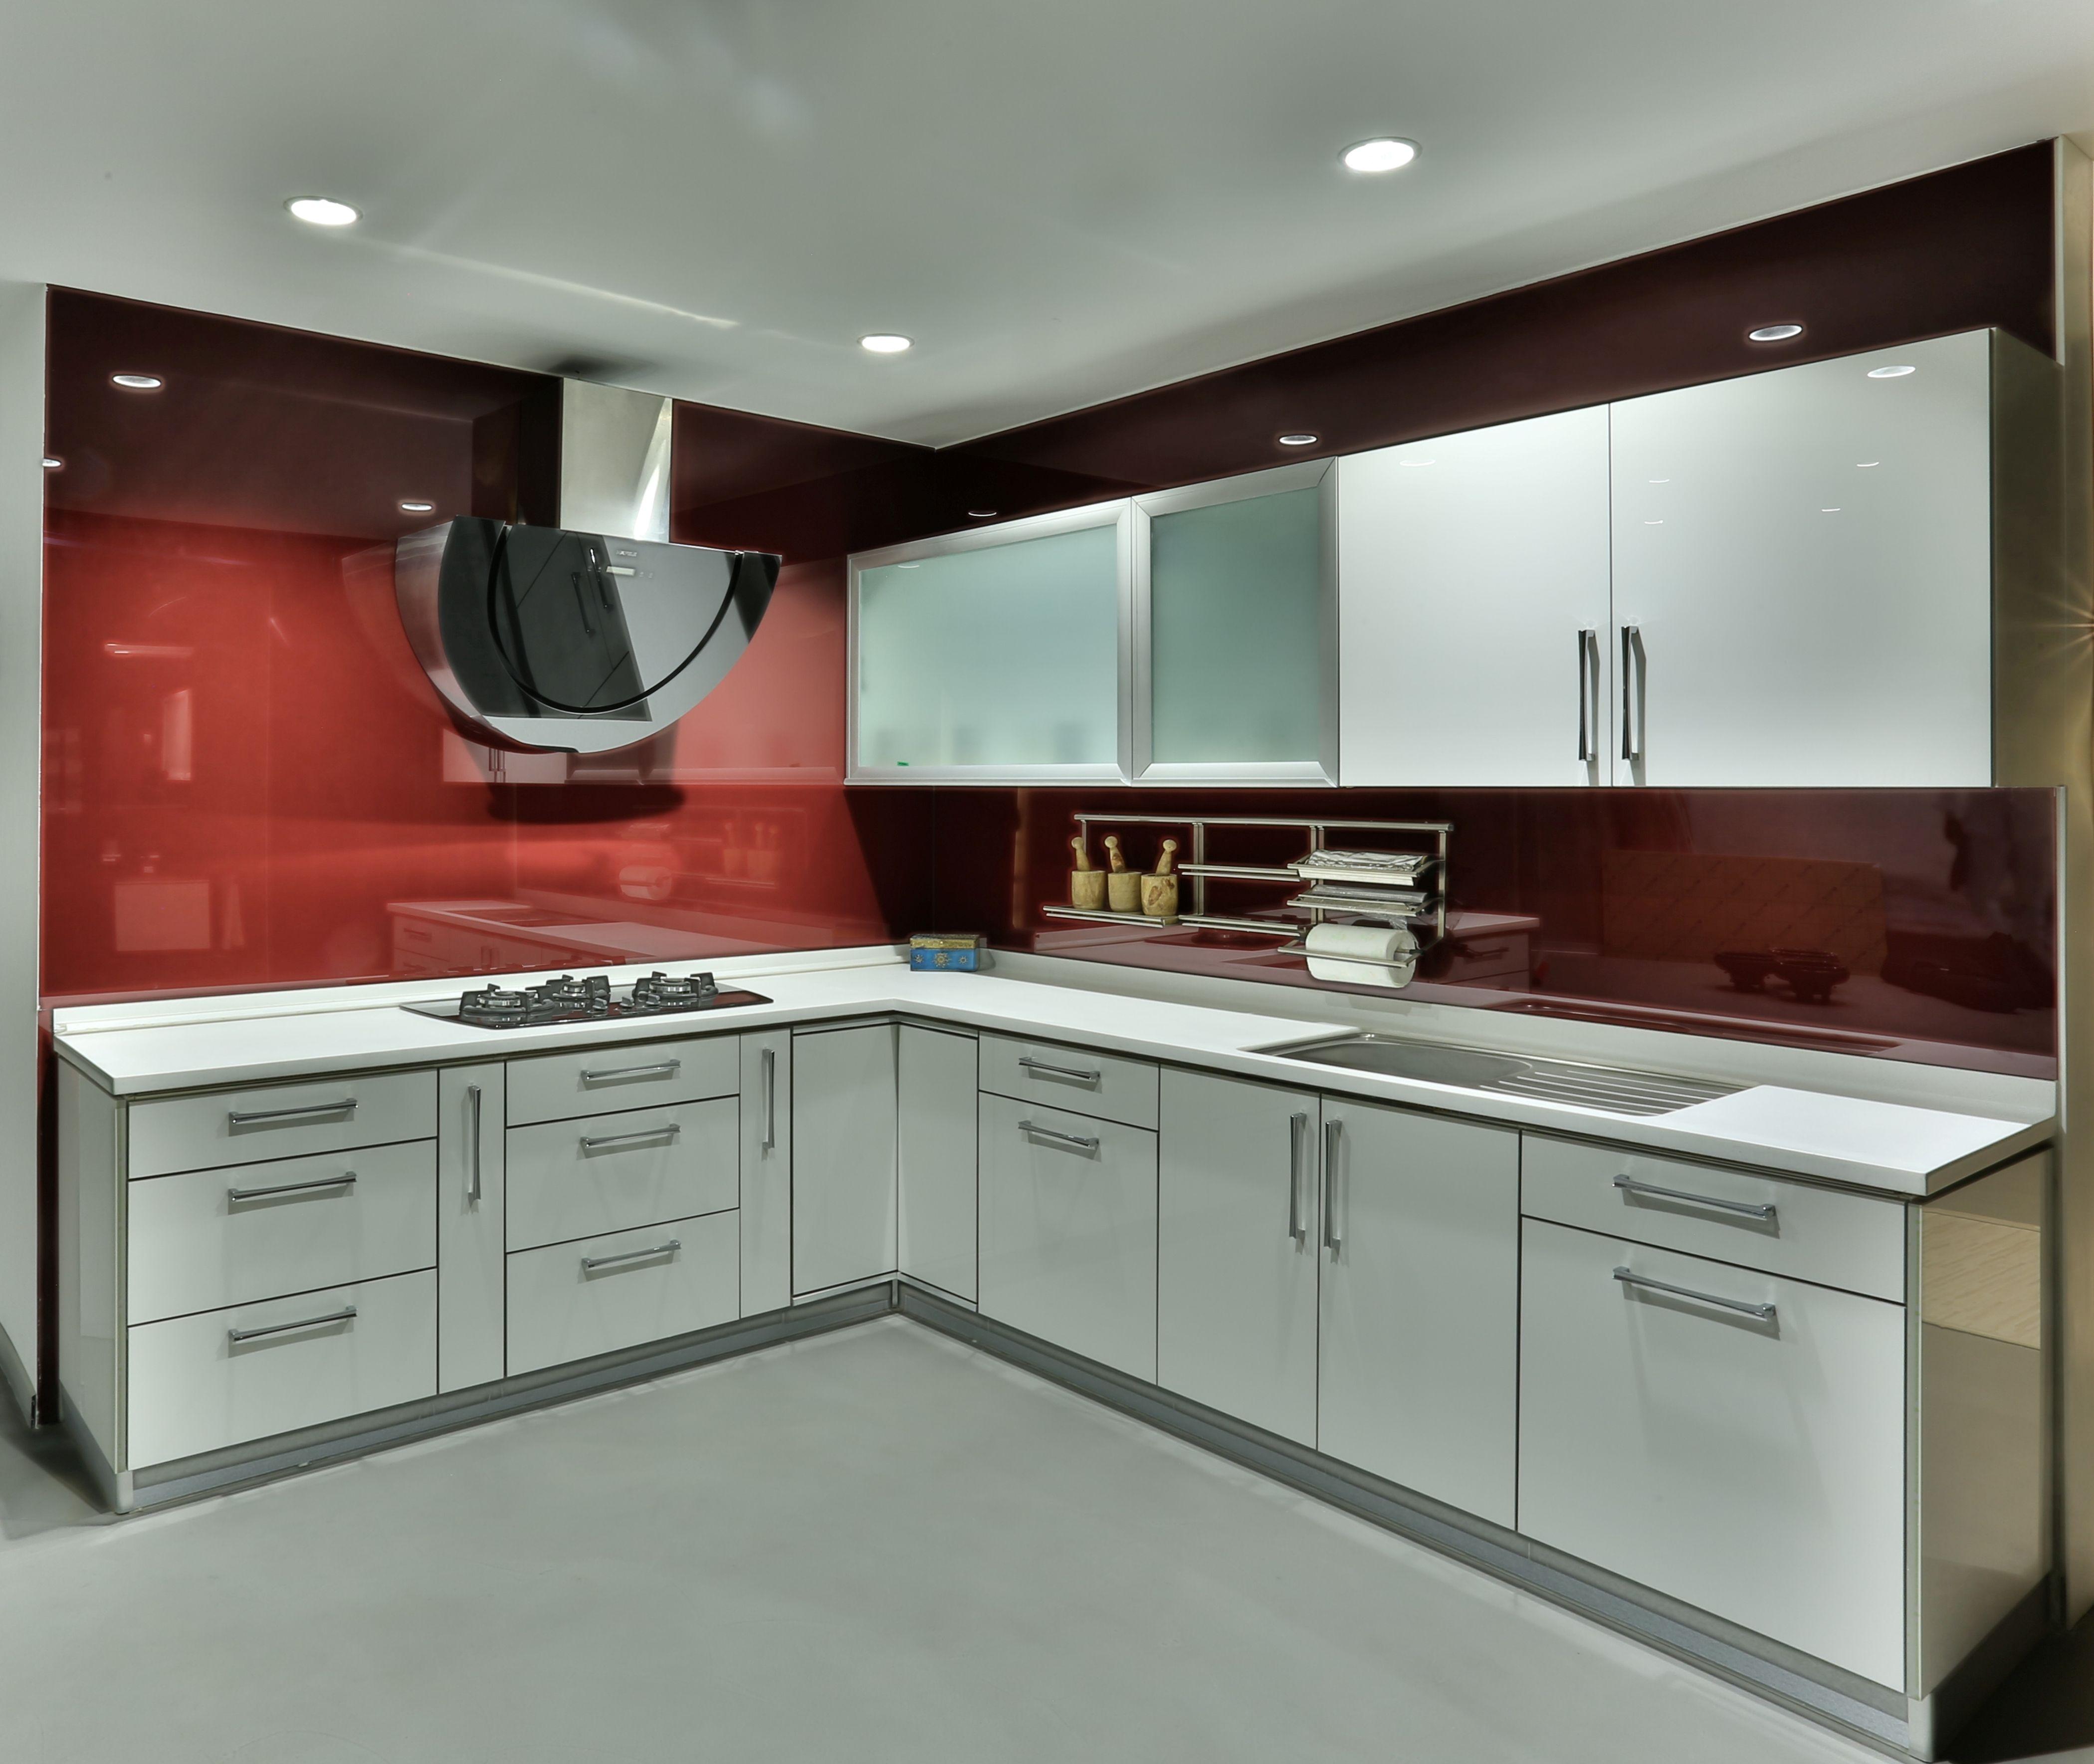 Uncategorized Hafele Kitchen Appliances modular kitchen with hafele accessories and appliances ideas for appliances